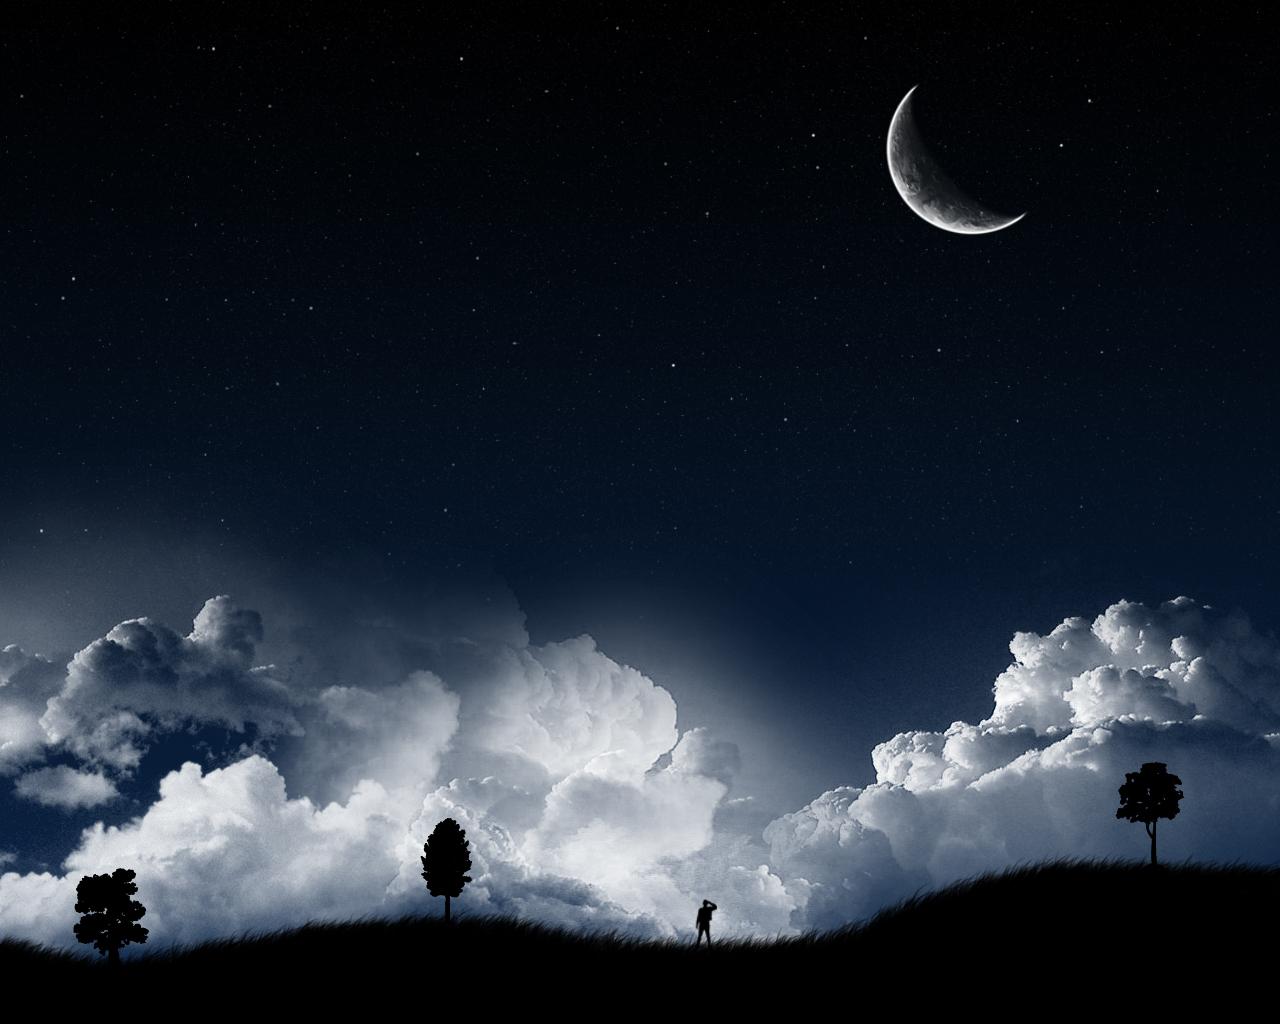 http://2.bp.blogspot.com/-xYA74FxY_Fs/Tk-T1C58GzI/AAAAAAAAAKk/3aaML_C5FeI/s1600/A_Dark_Starry_Night_Wallpaper_by_s3vendays.jpg